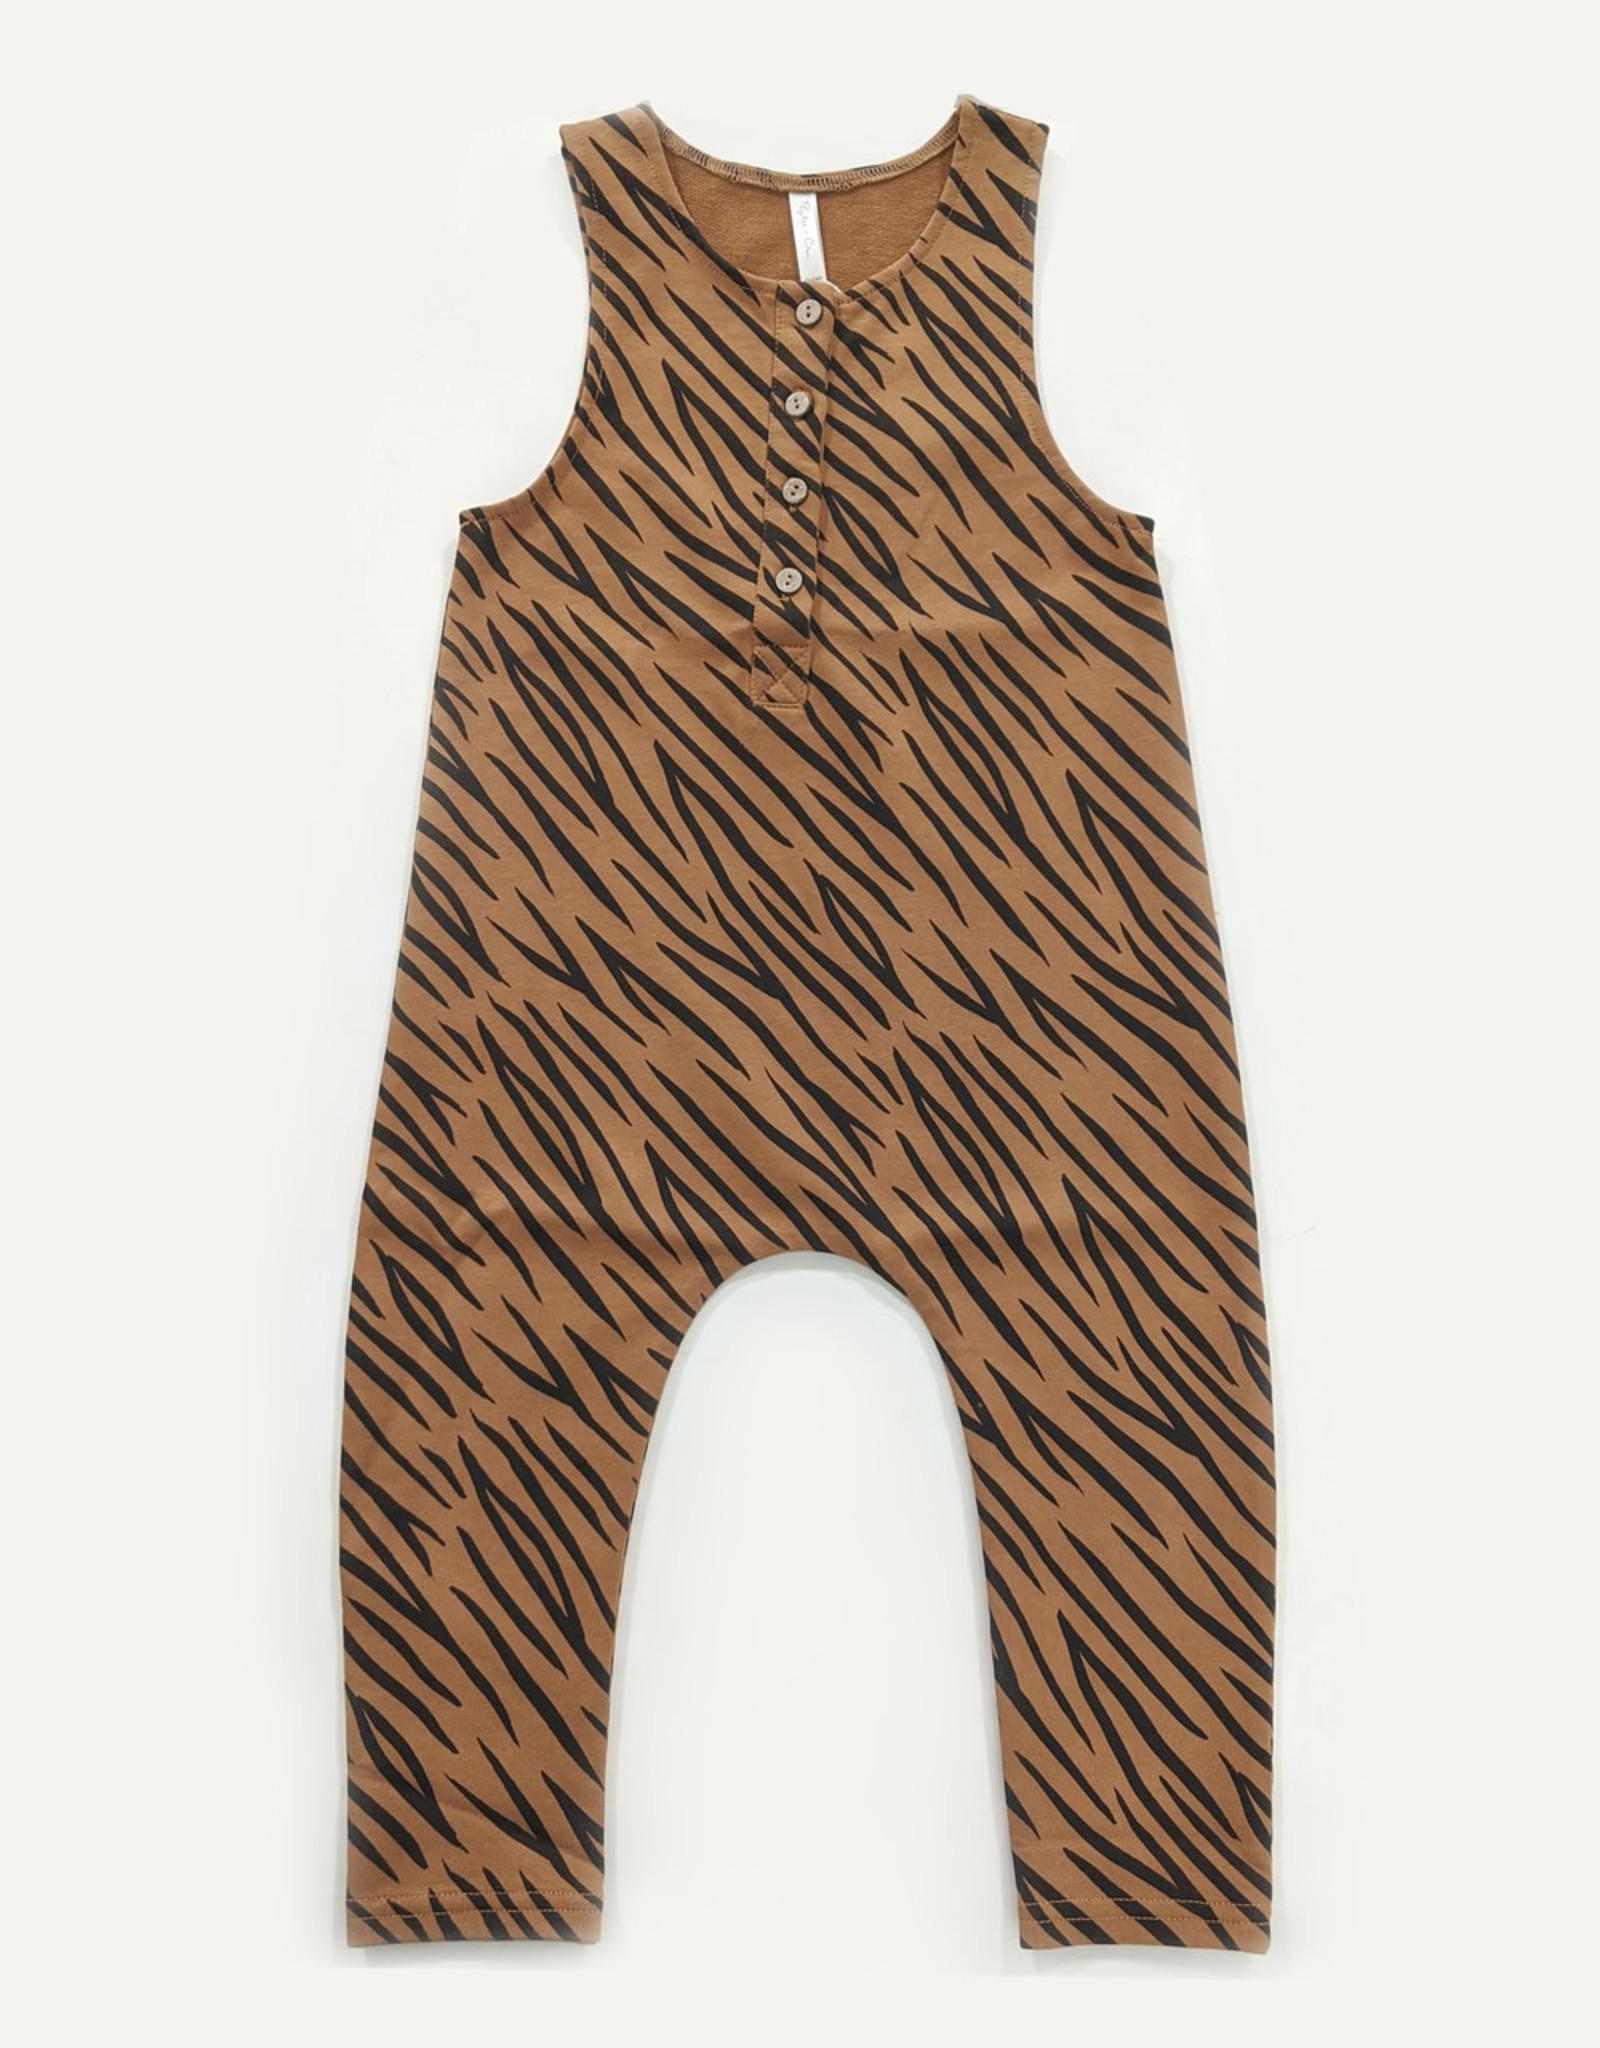 Rylee & Cru Rylee & Cru Tiger Jumpsuit